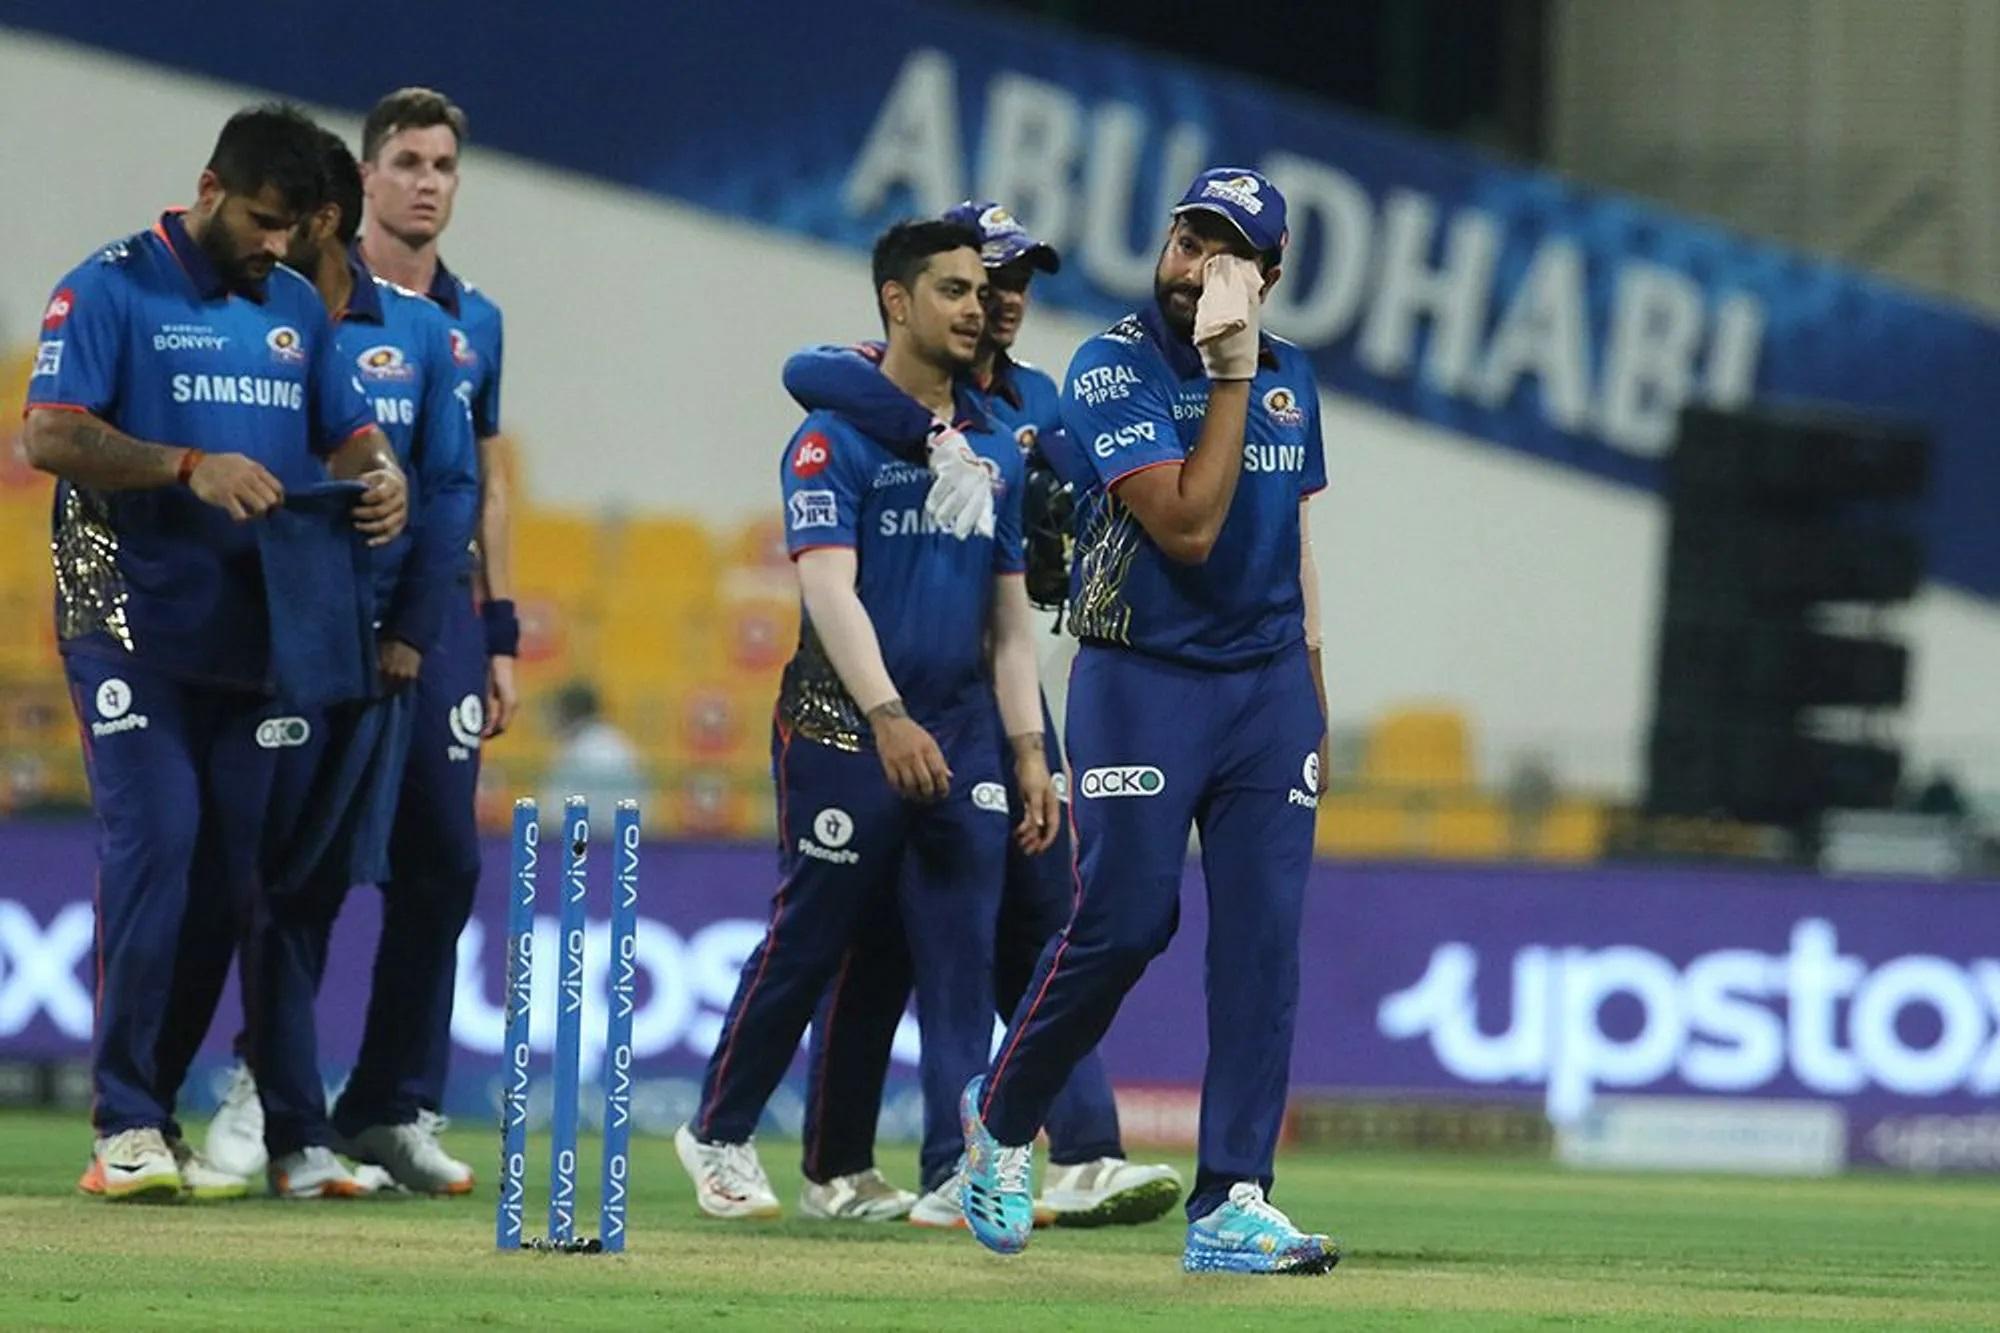 मैच हारने के बाद रोहित और उनकी टीम के चेहरे पर तनाव दिखा। असल में इस हार के साथ ही मुंबई पॉइंट टेबल में चौथे नंबर से नीचे खिसक गई।